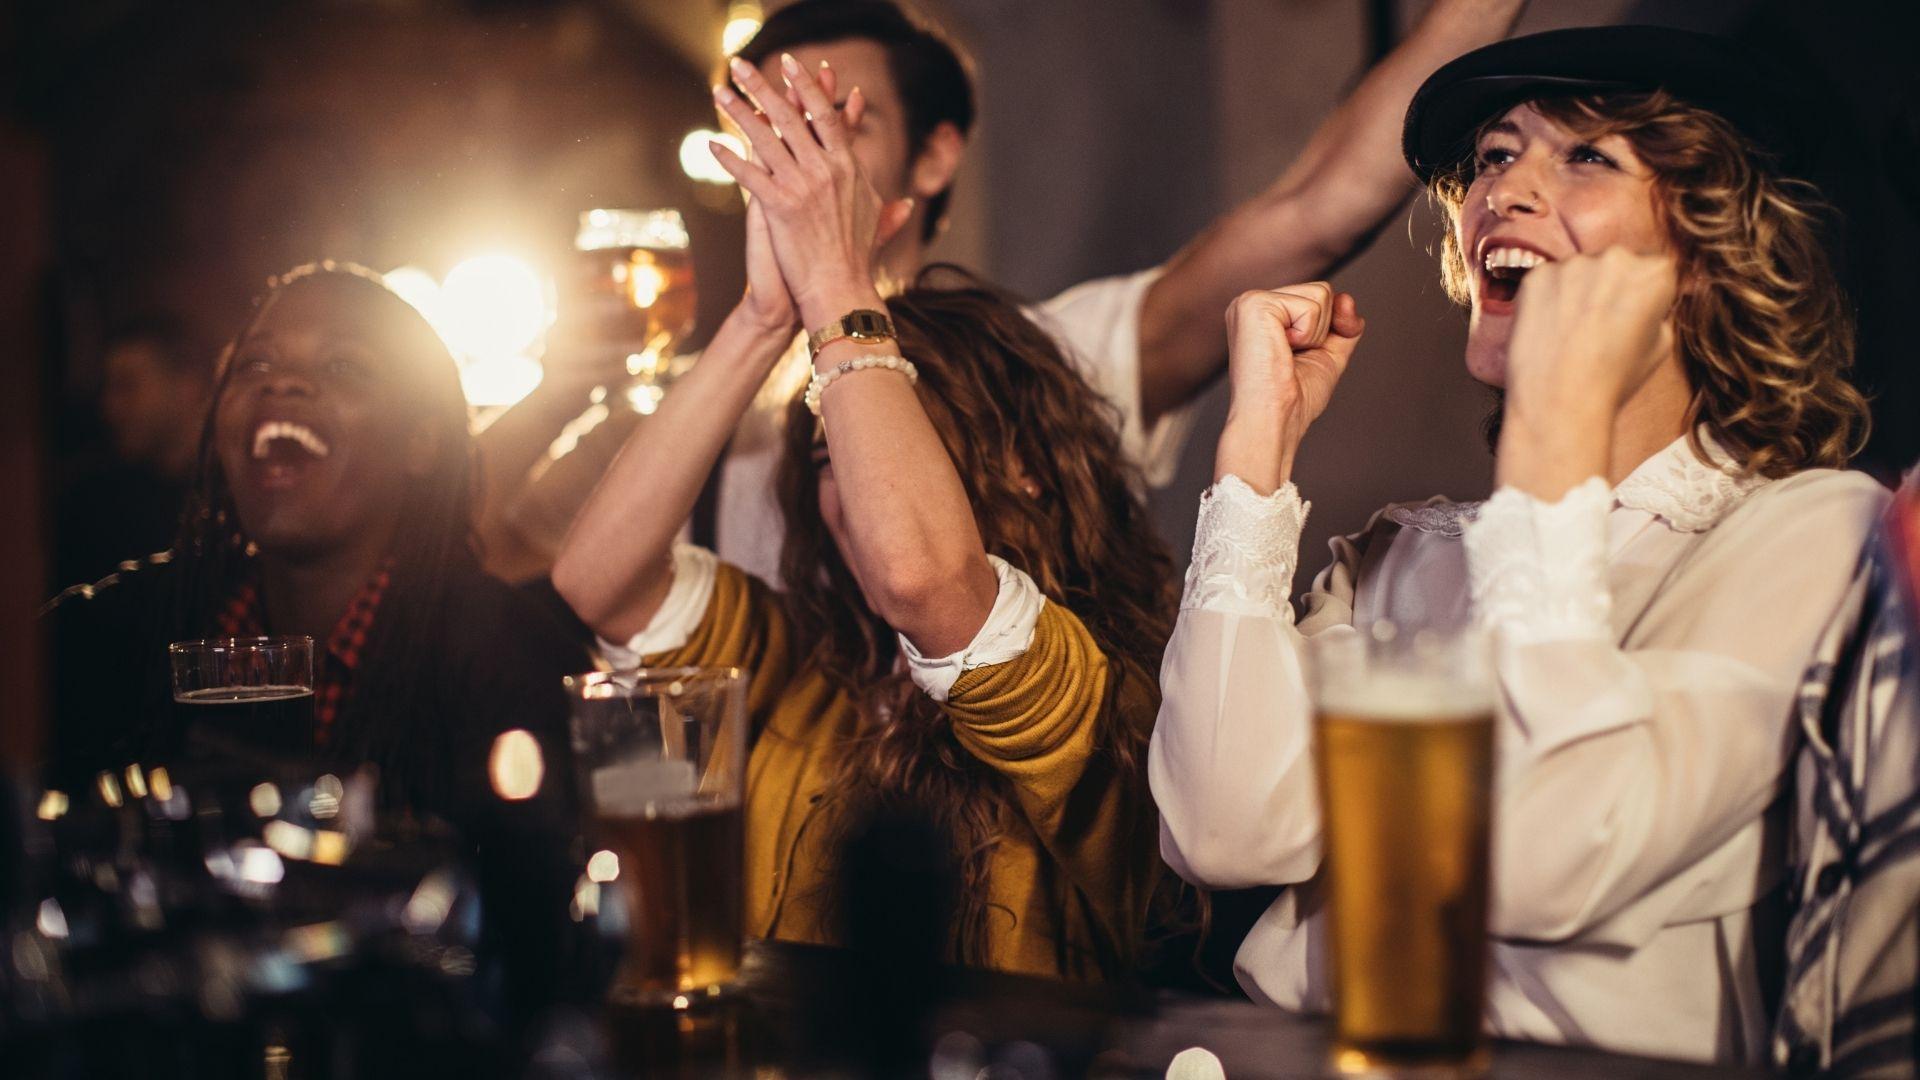 OL i baren din